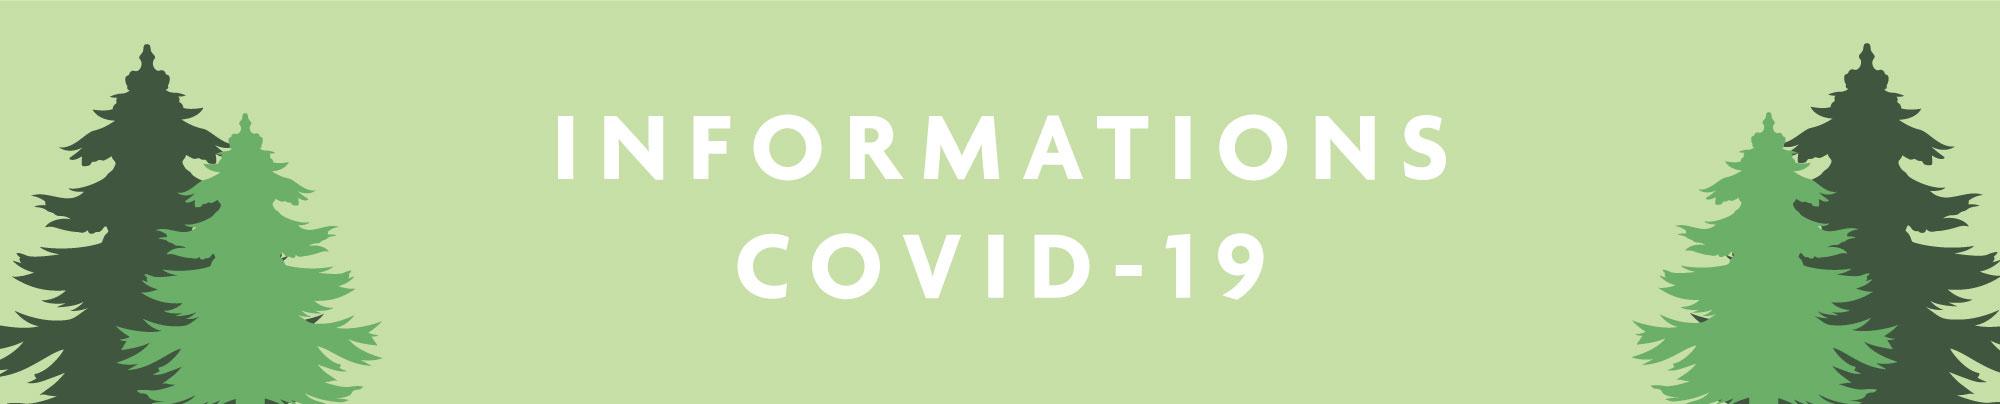 Bannière Covid-19